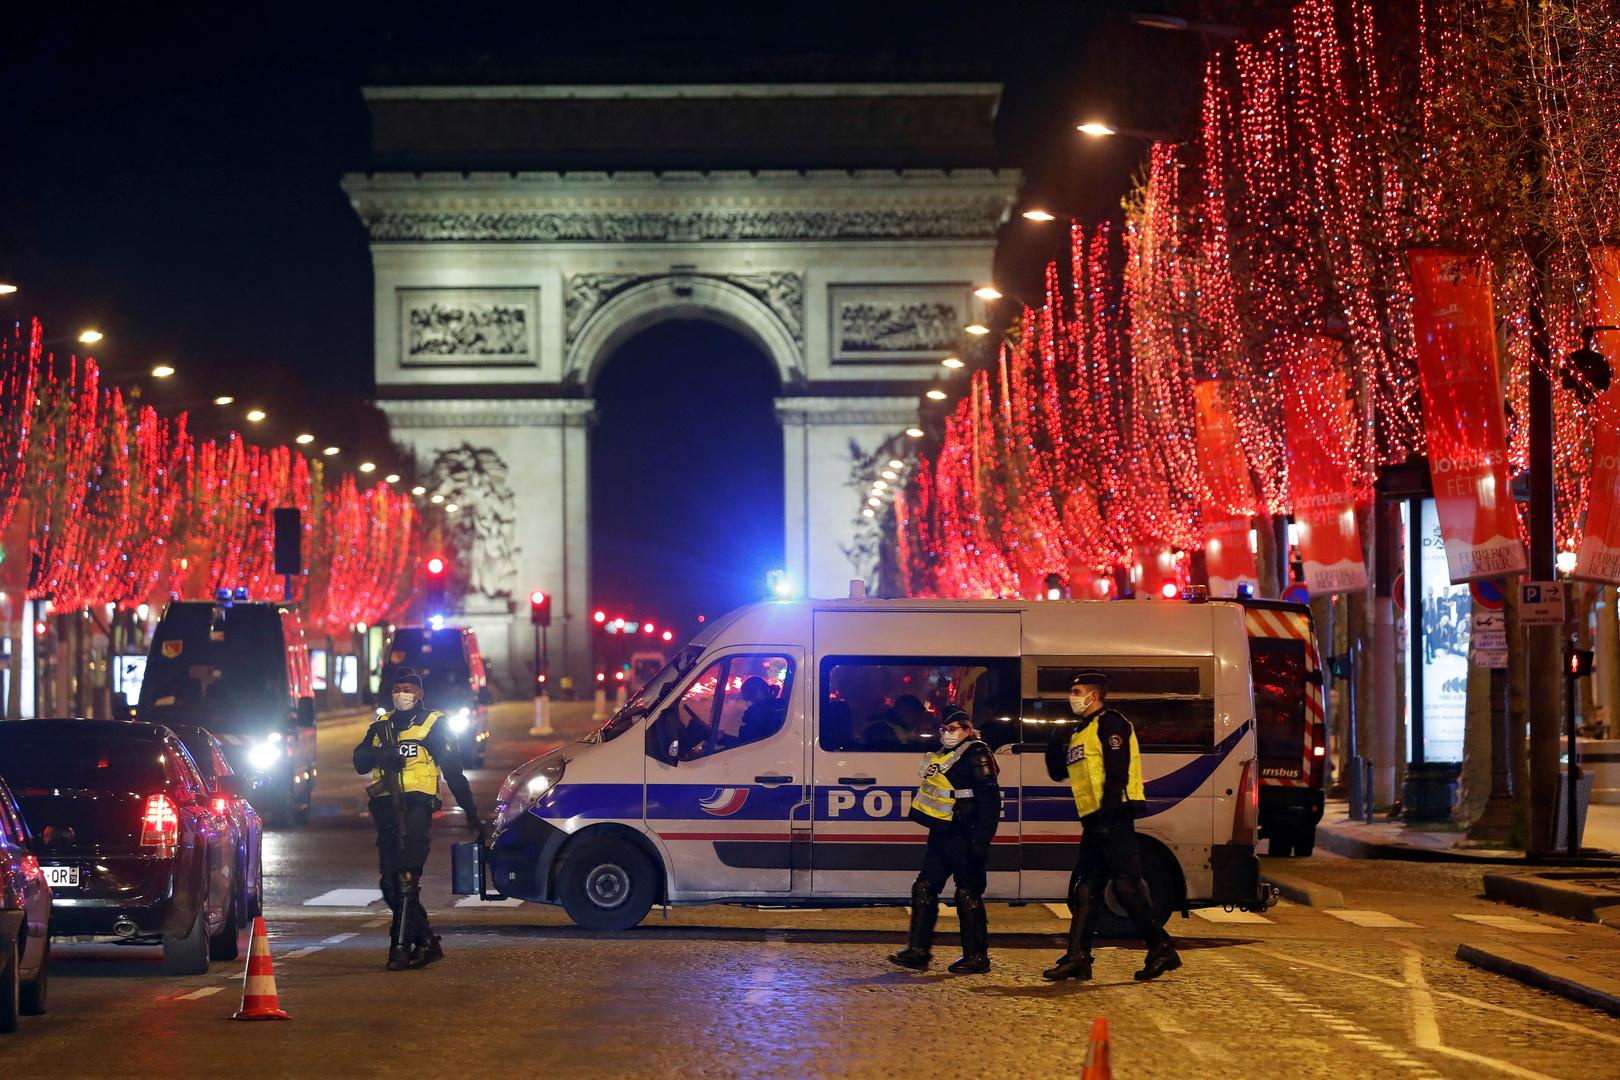 فرنسا.. عناصر شرطة يواجهون عقوبة بعد خرقهم قواعد الوقاية من كورونا